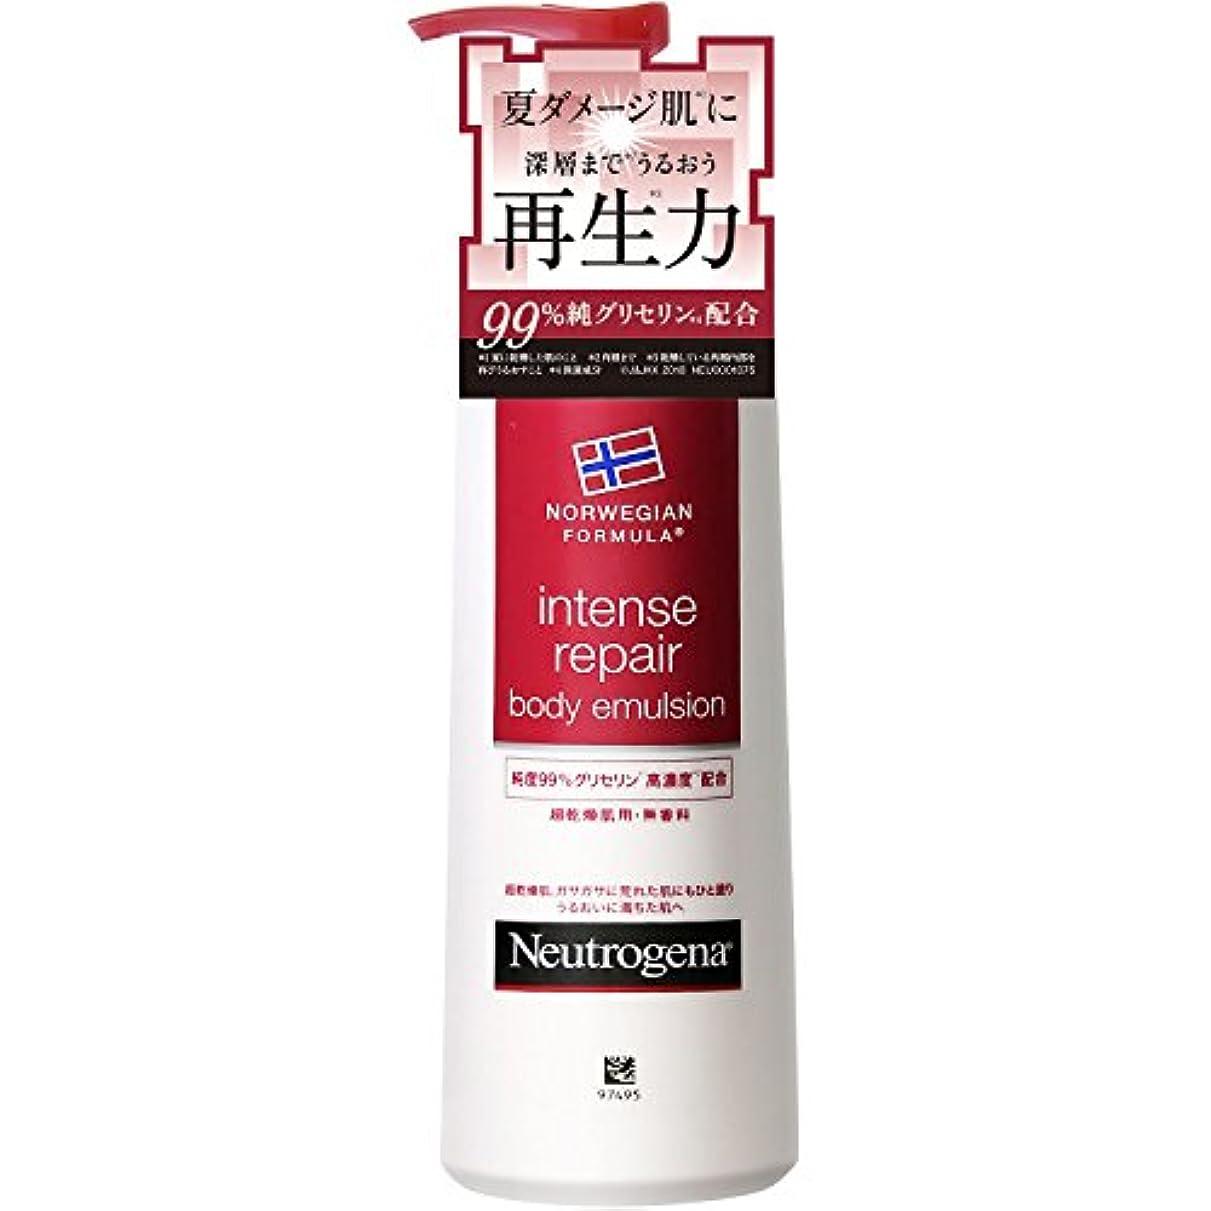 ダメージ物質かわいらしいNeutrogena(ニュートロジーナ) ノルウェーフォーミュラ インテンスリペア ボディエマルジョン 超乾燥肌用 ボディクリーム 無香料 単品 250mL